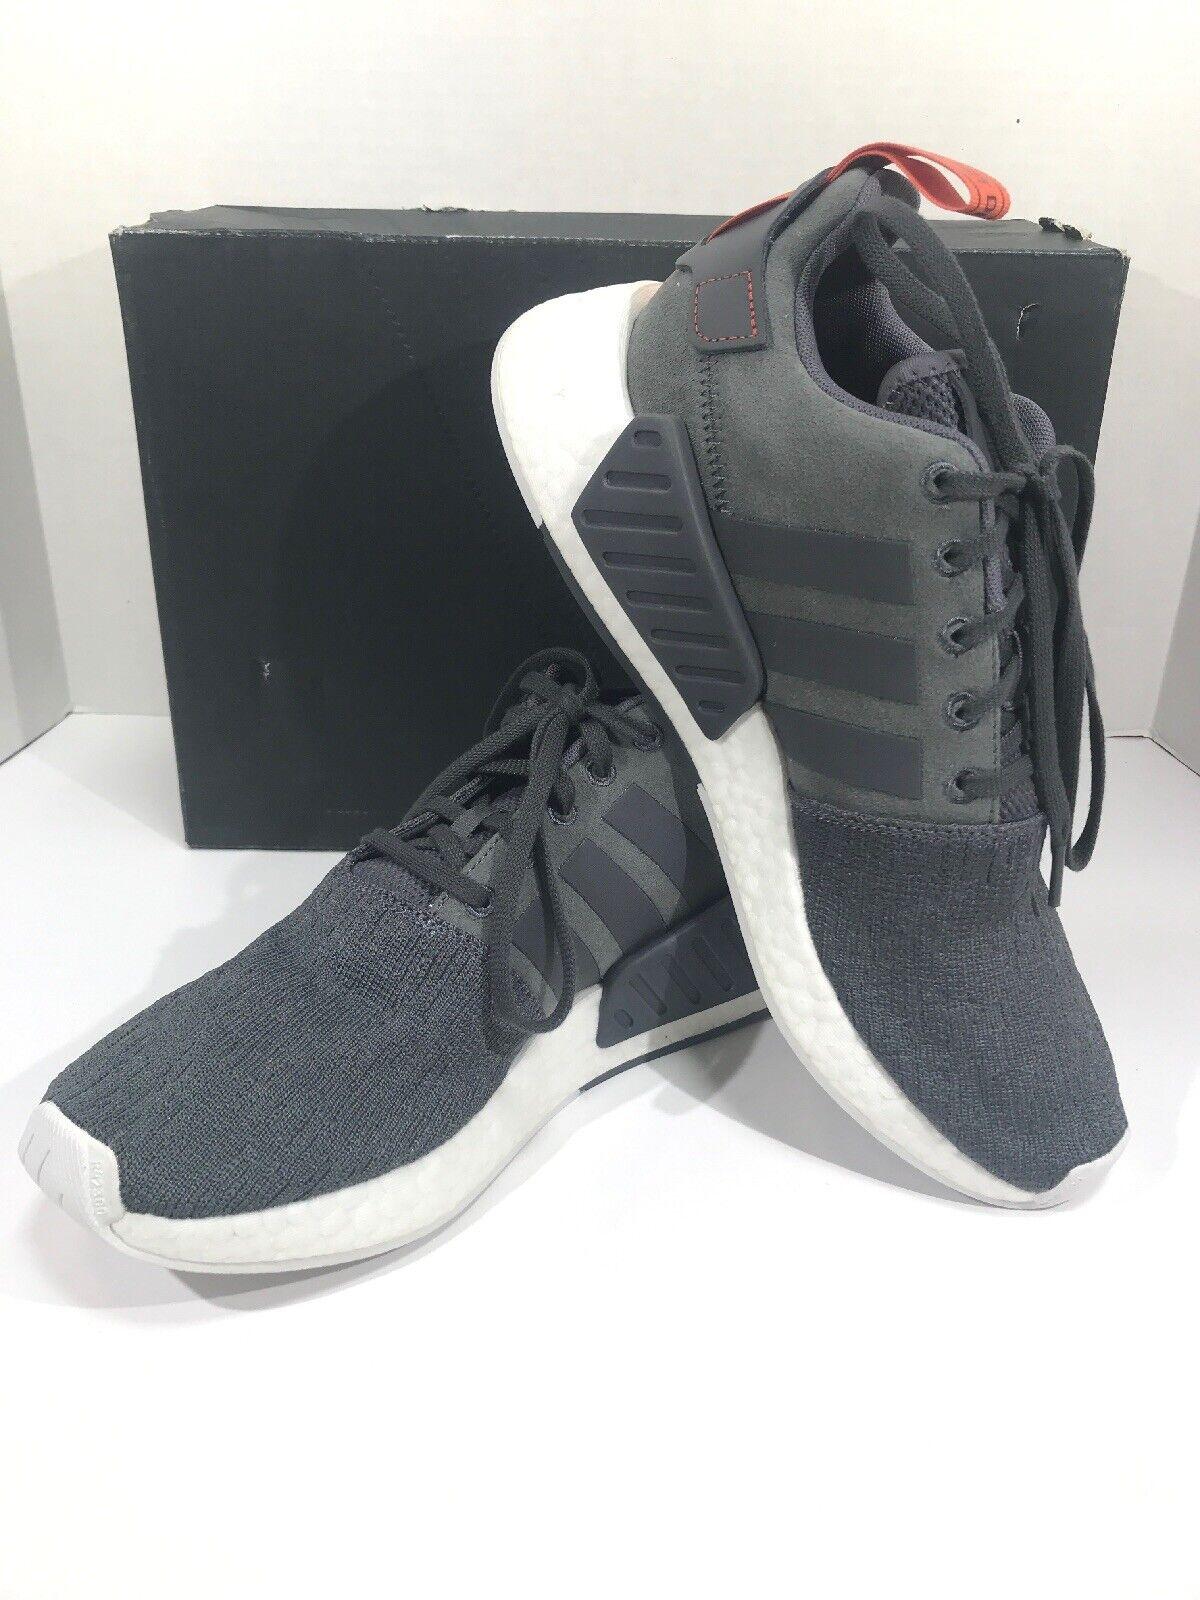 reputable site dcfb3 72818 Adidas Originals BY3014 NMD R2 Men's Size 8.5 Grey Grey Grey ...